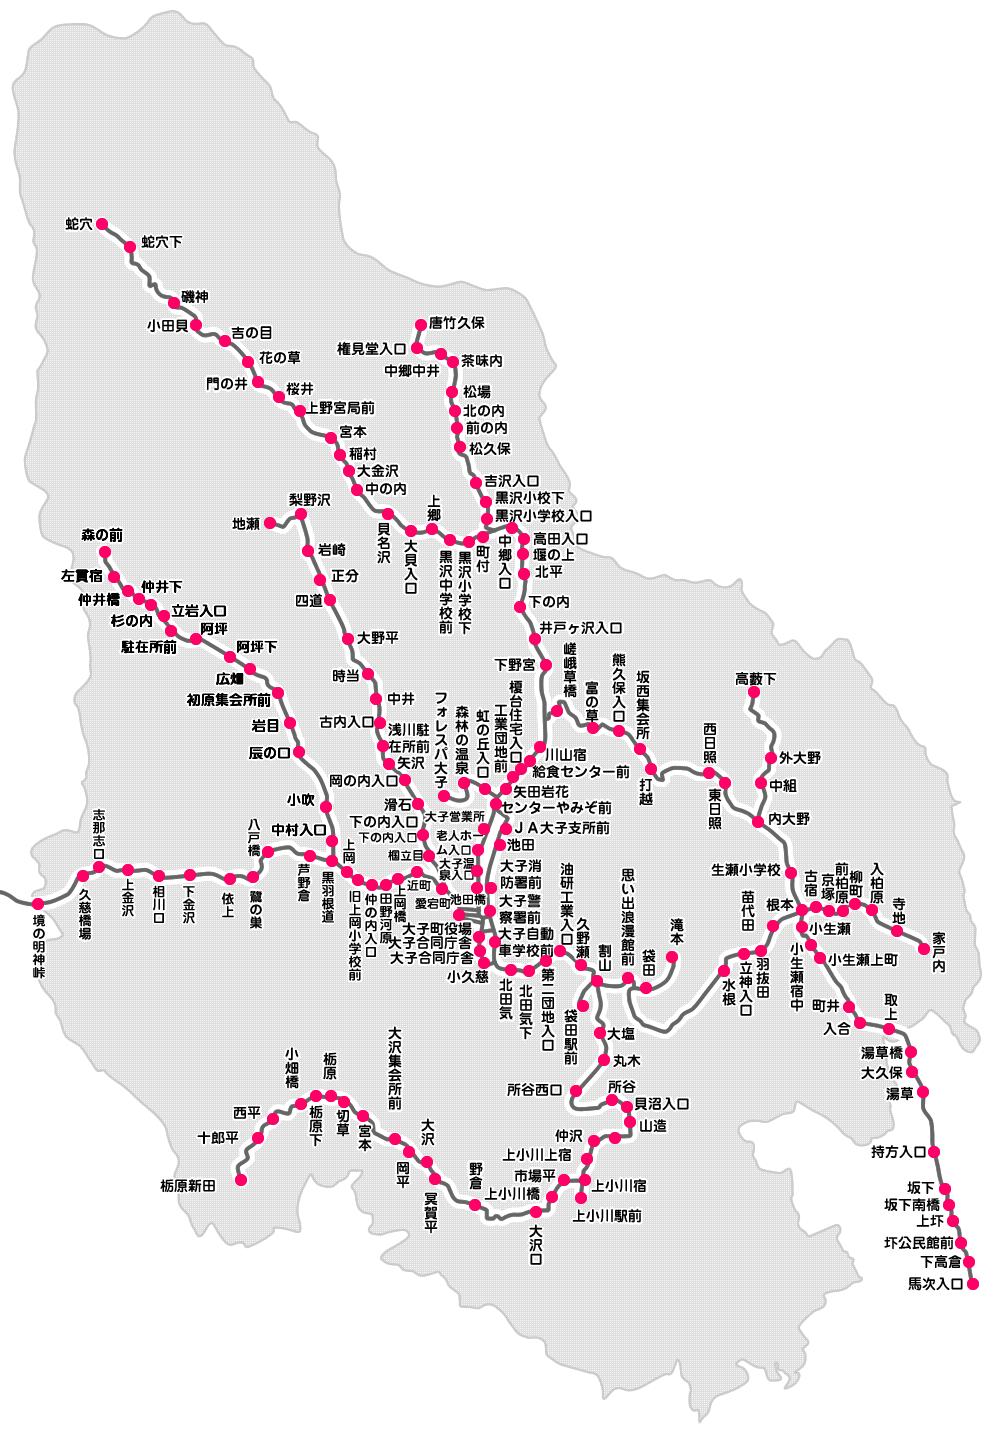 路線バス路線概要図